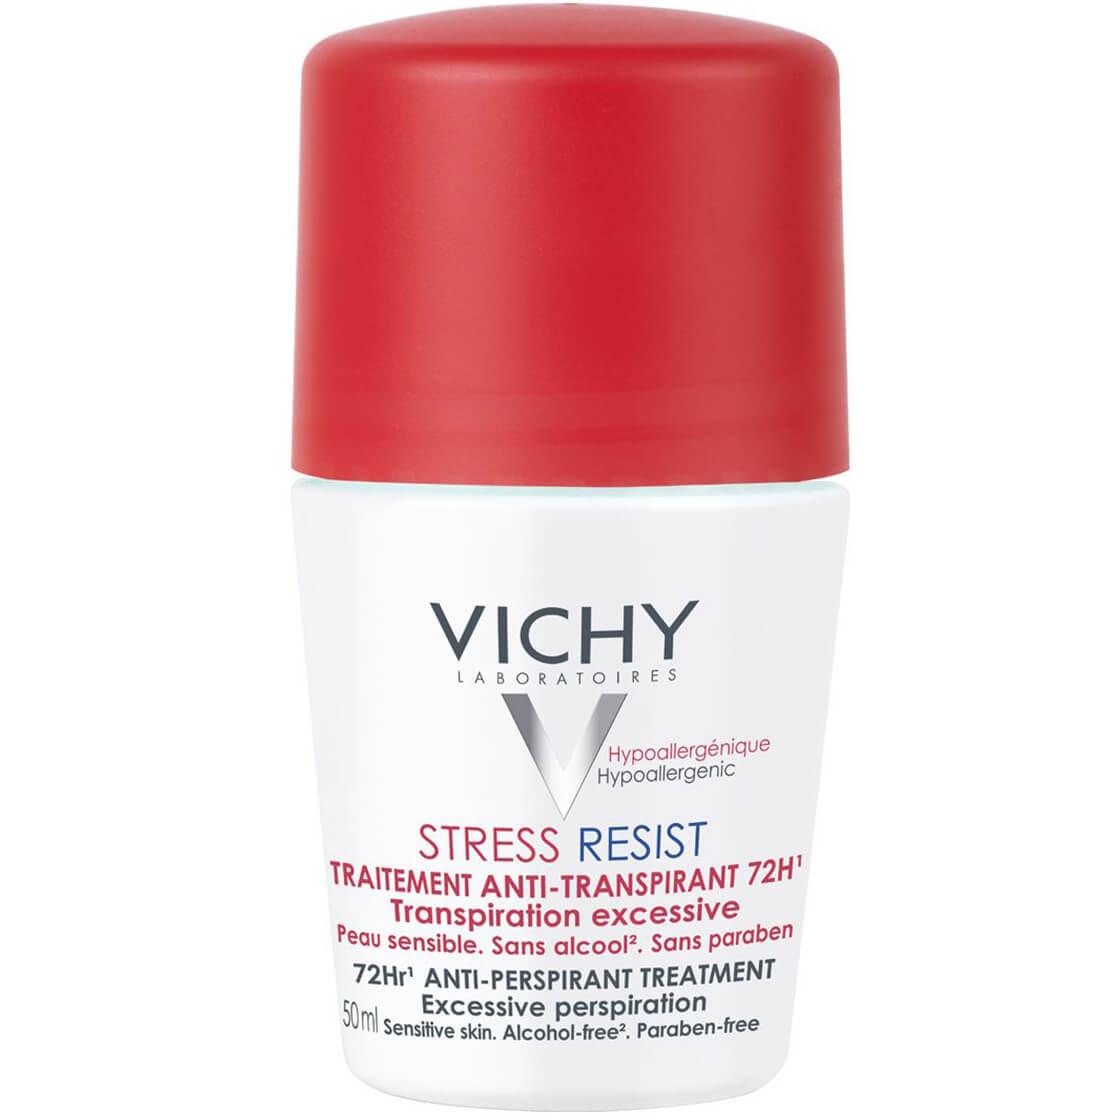 Vichy Deodorant Stress Resist Roll On 72h Εντατική Αποσμητική Φροντίδα 72h Κατά της Έντονης Εφίδρωσης 50ml